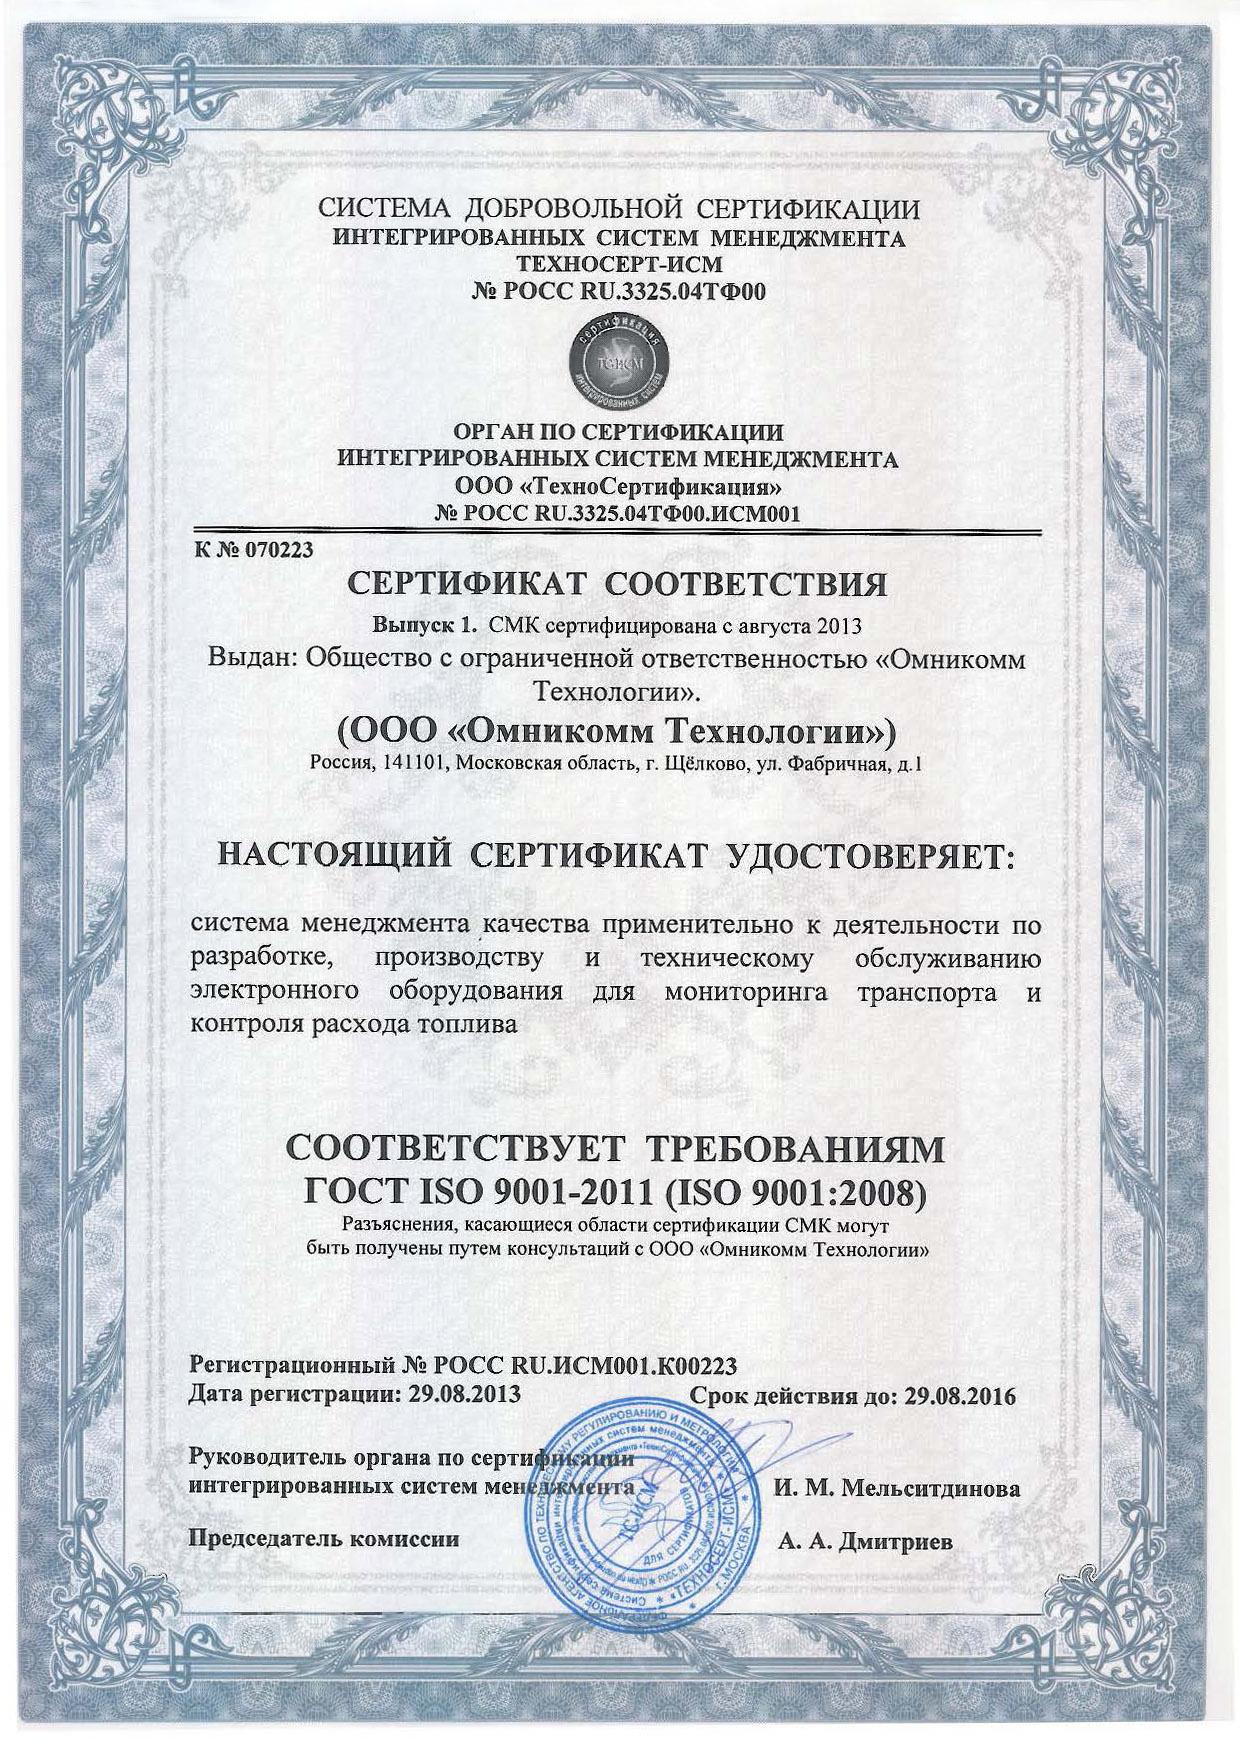 Сертификат соответствия ISO 9001-2011